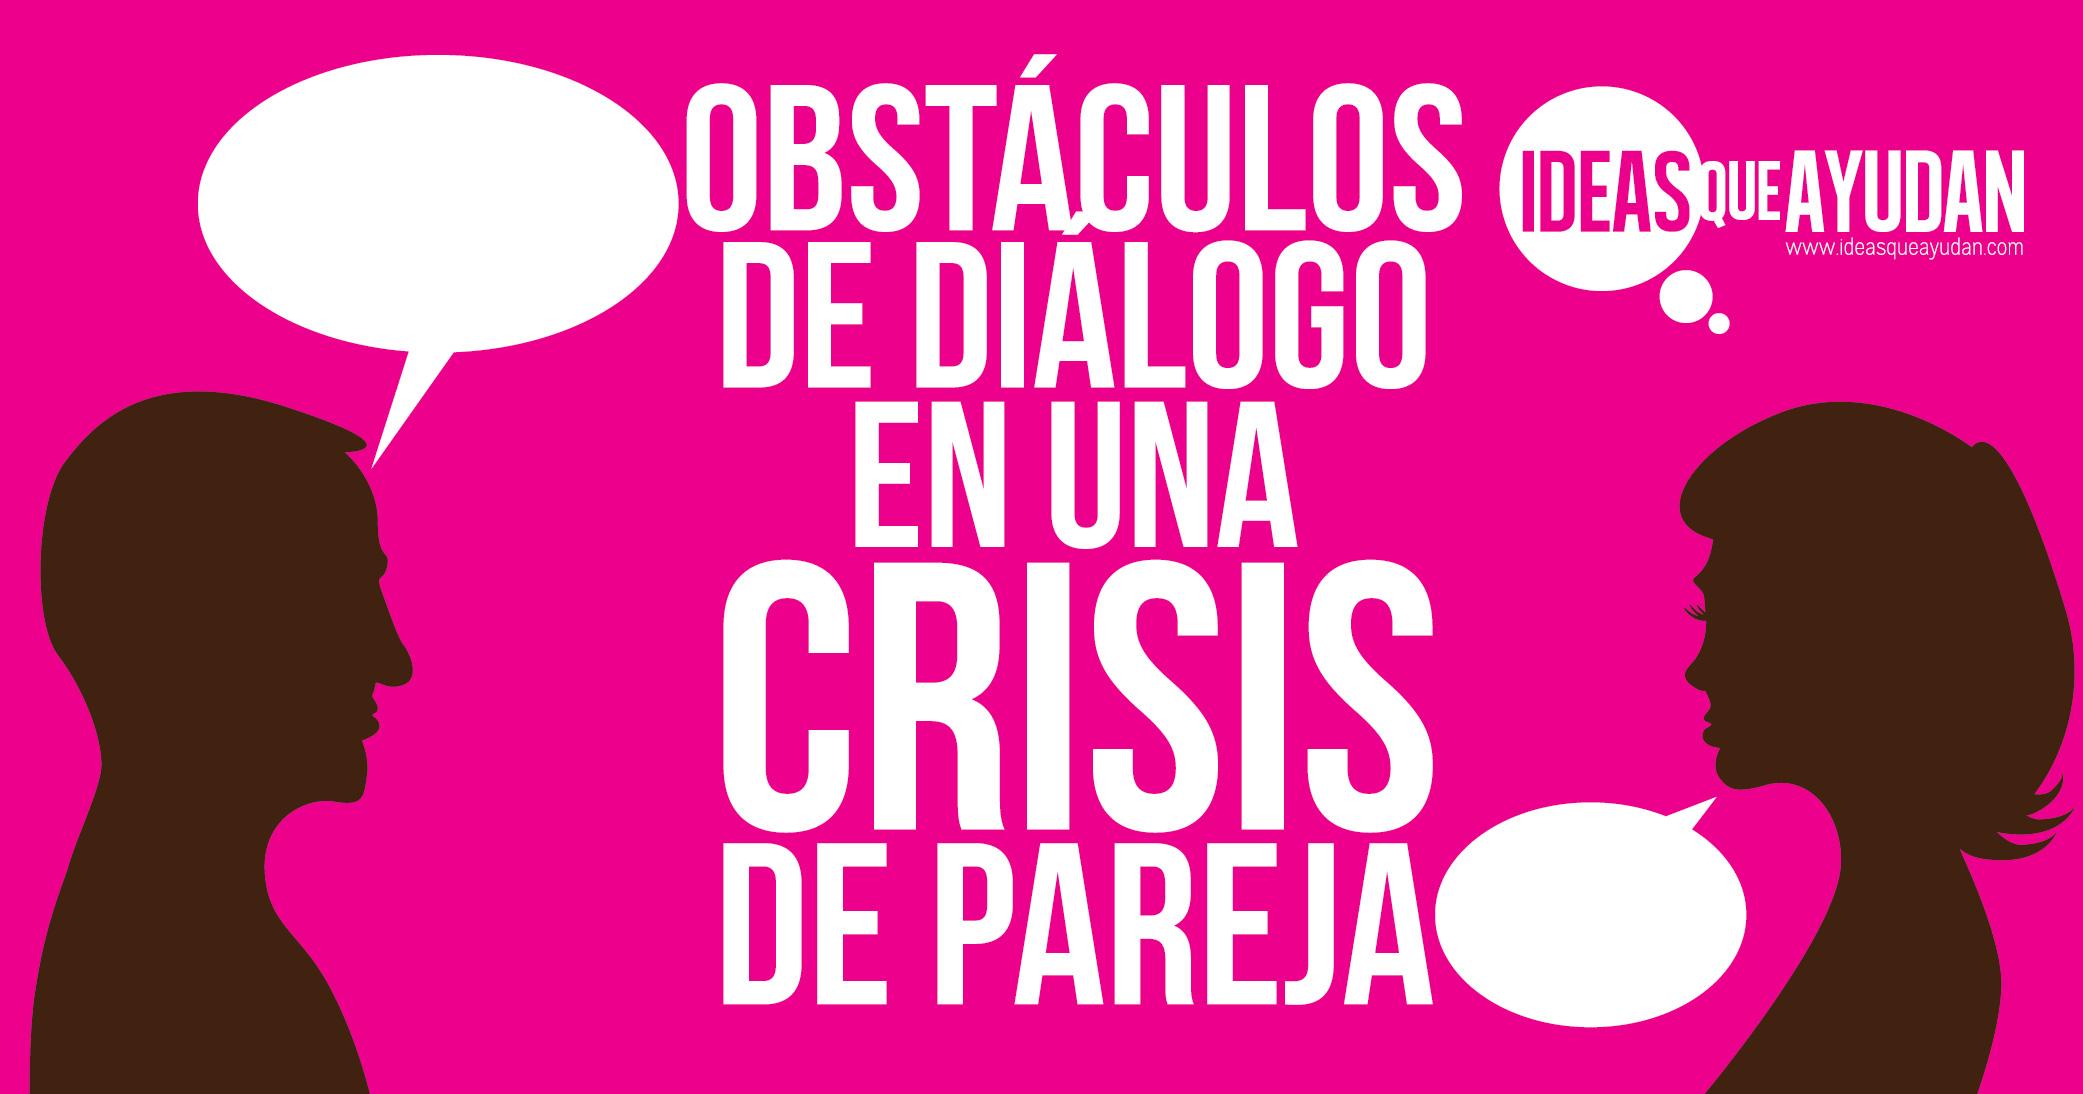 Obstaculos de dialogo en una crisis de pareja